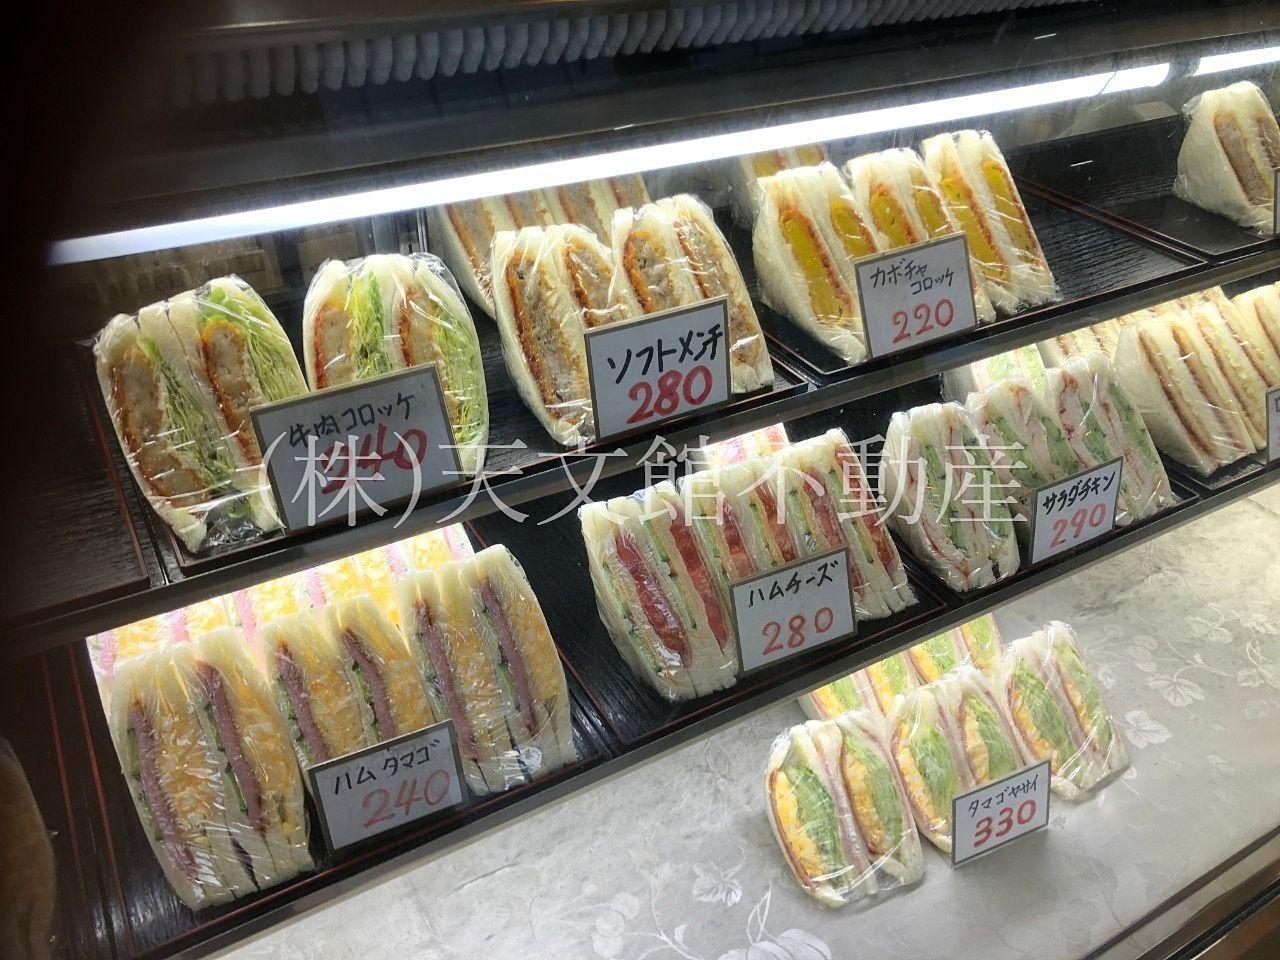 鹿児島市 天文館公園 軽食サンドイッチ 美味しい お土産 種類豊富 ボリューム満点